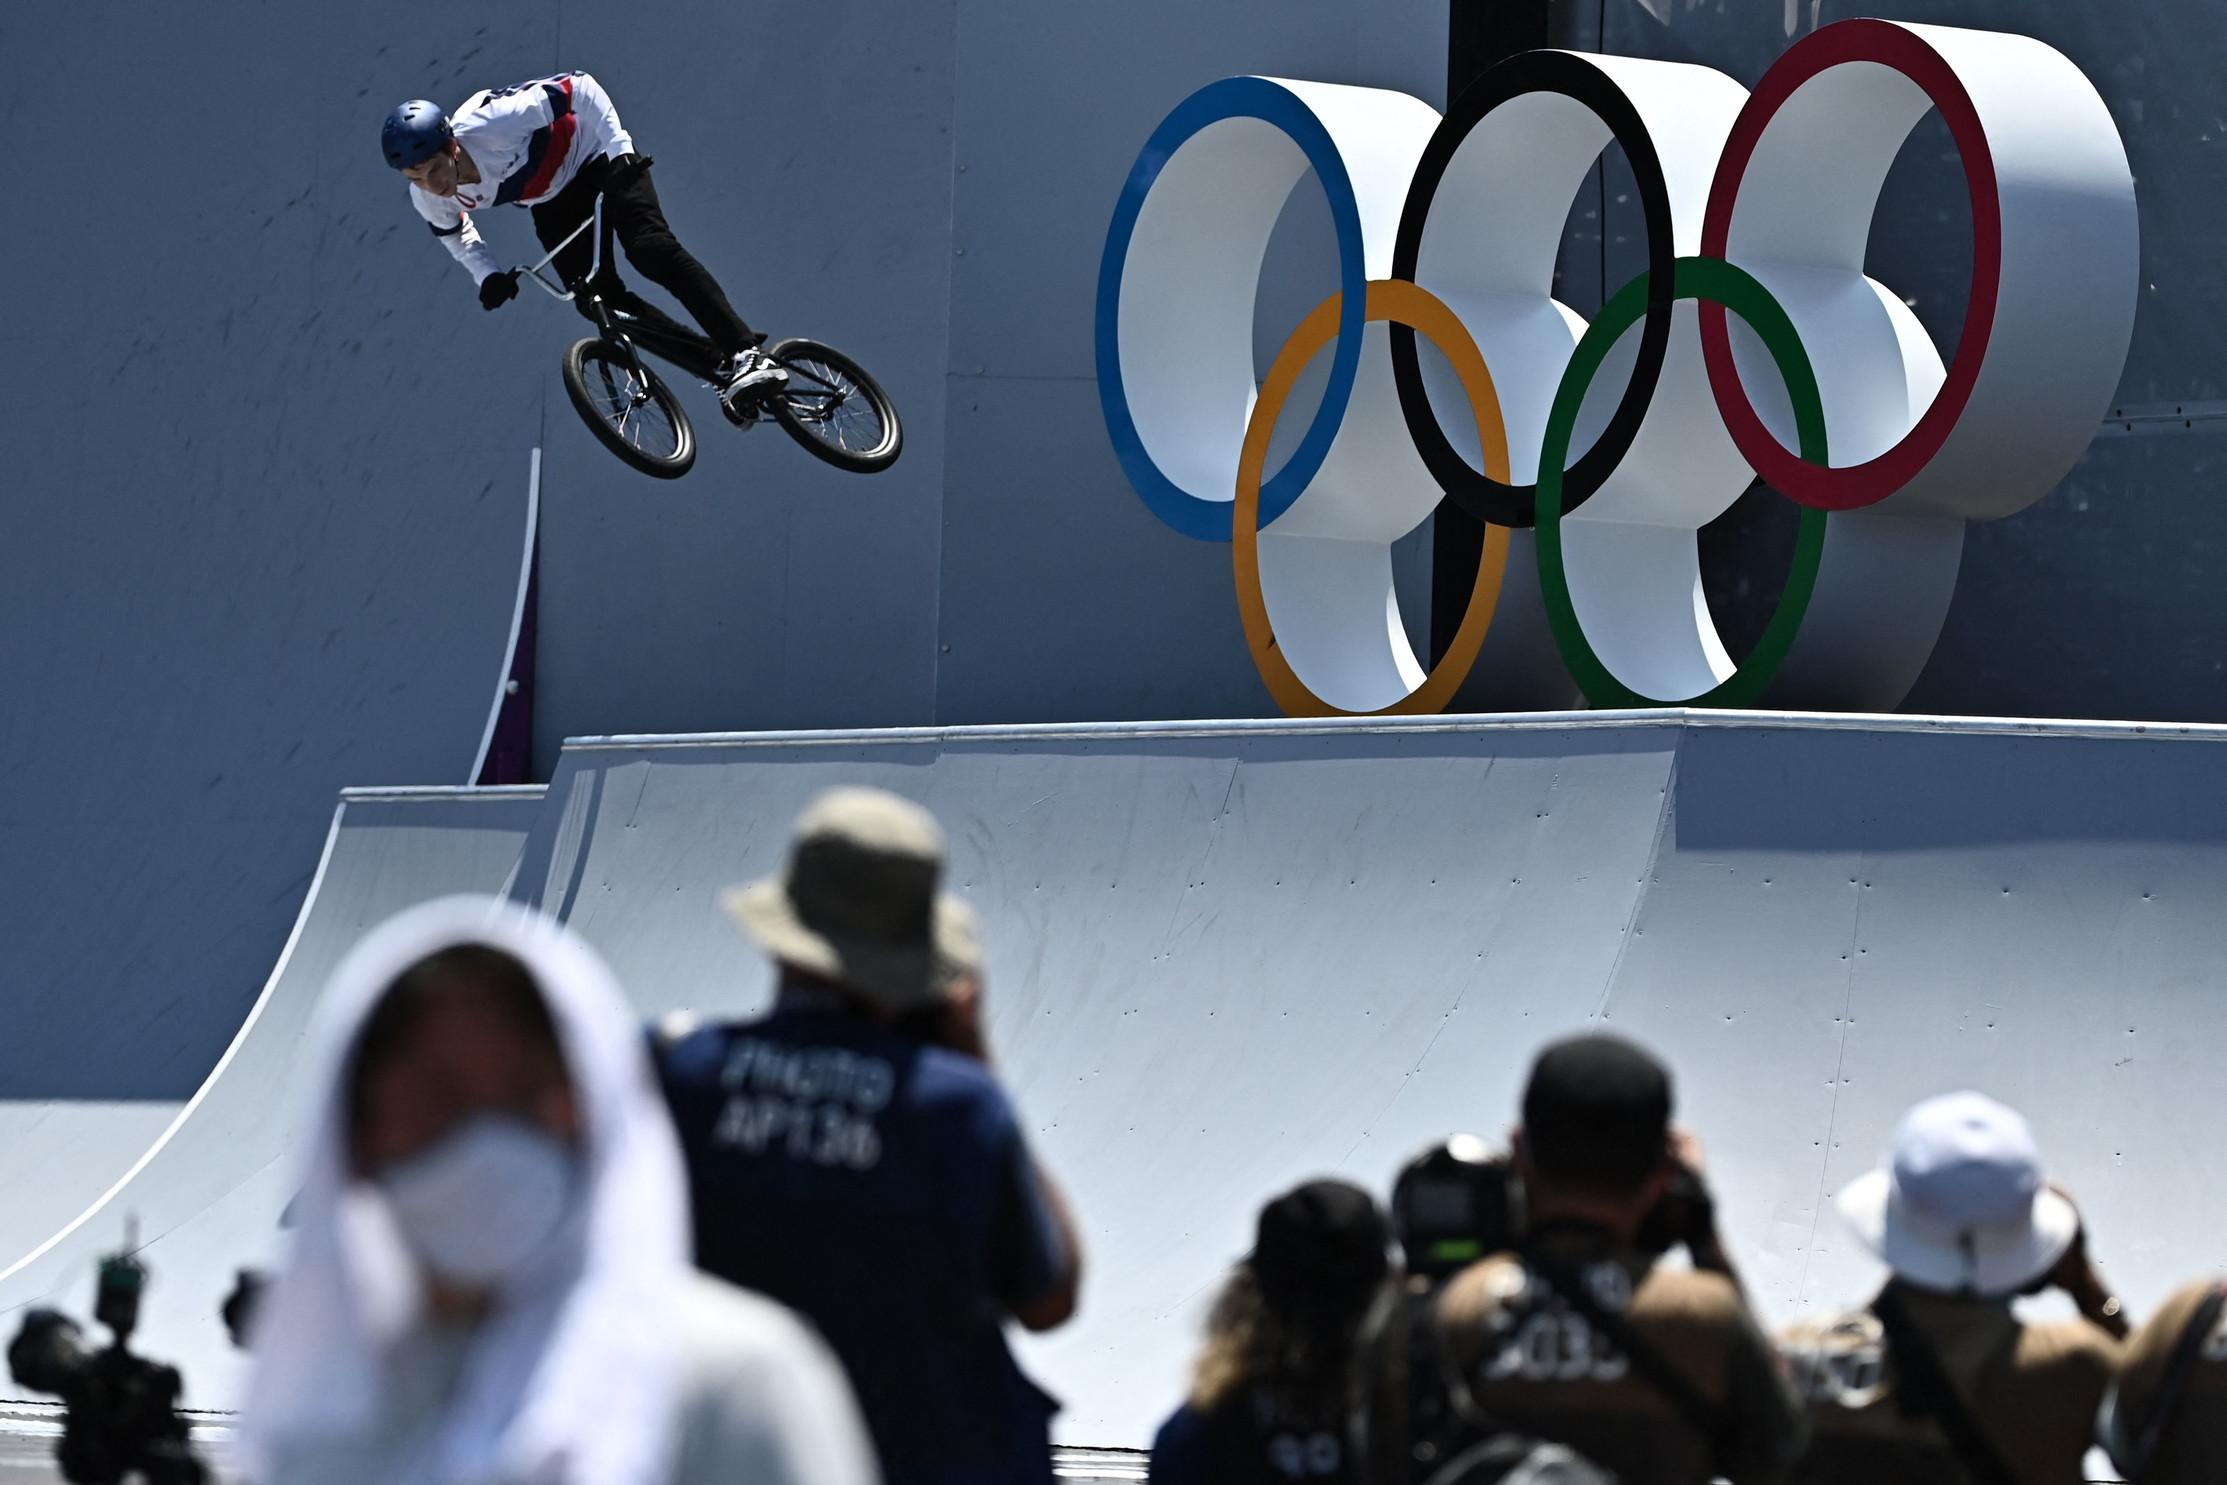 A Tokyo 2020 ha fatto il suo debutto olimpico anche la specialit&agrave; del freestyle per la Bmx. Ed &egrave; stato subito grande spettacolo. Le prime medaglie d&#39;oro sono andate alla britannica Charlotte Worthimgton tra le donne e all&#39;australiano Logan Martin tra gli uomini.<br /><br />